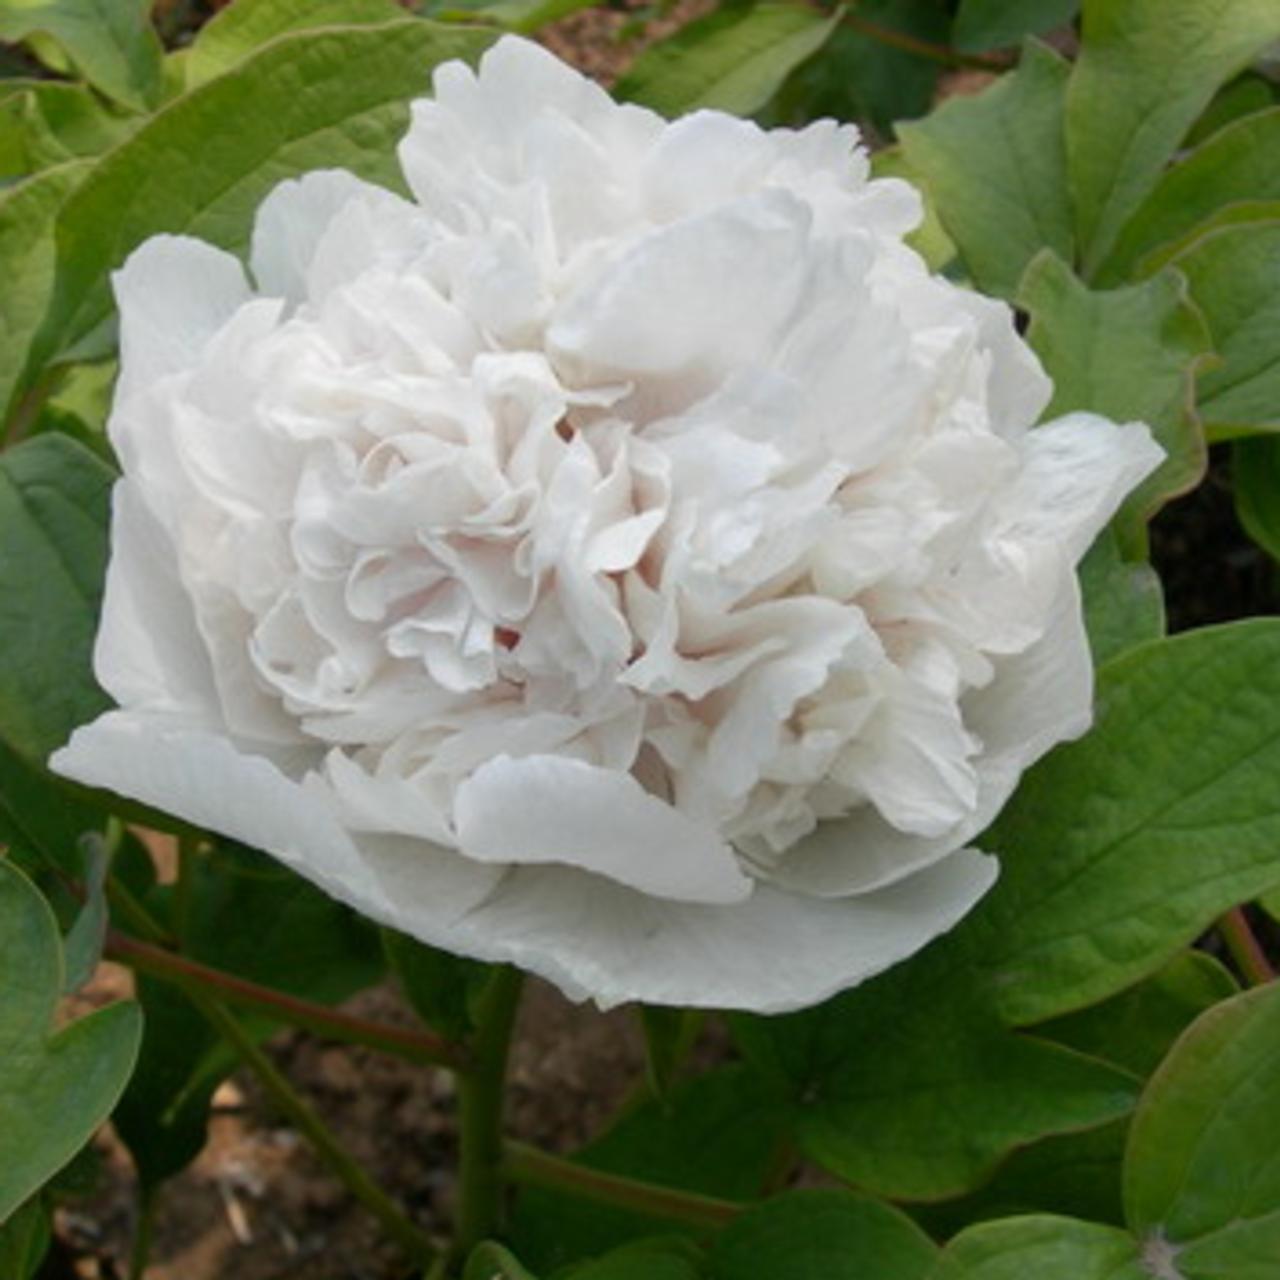 Paeonia suffruticosa 'Bai Xue Ta' plant